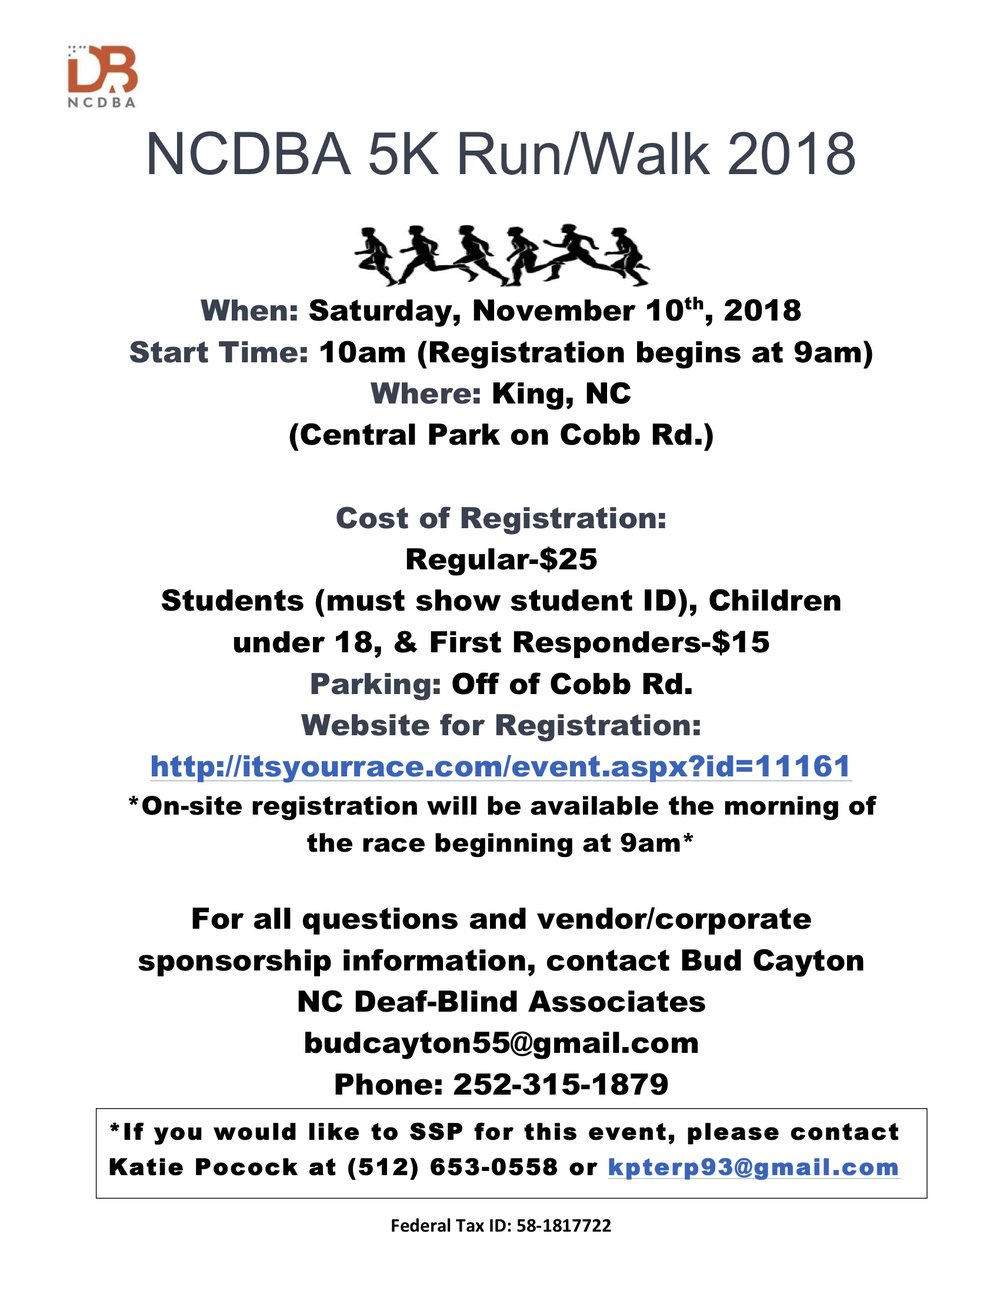 NCDBA 5K Run flyer 2018.jpg